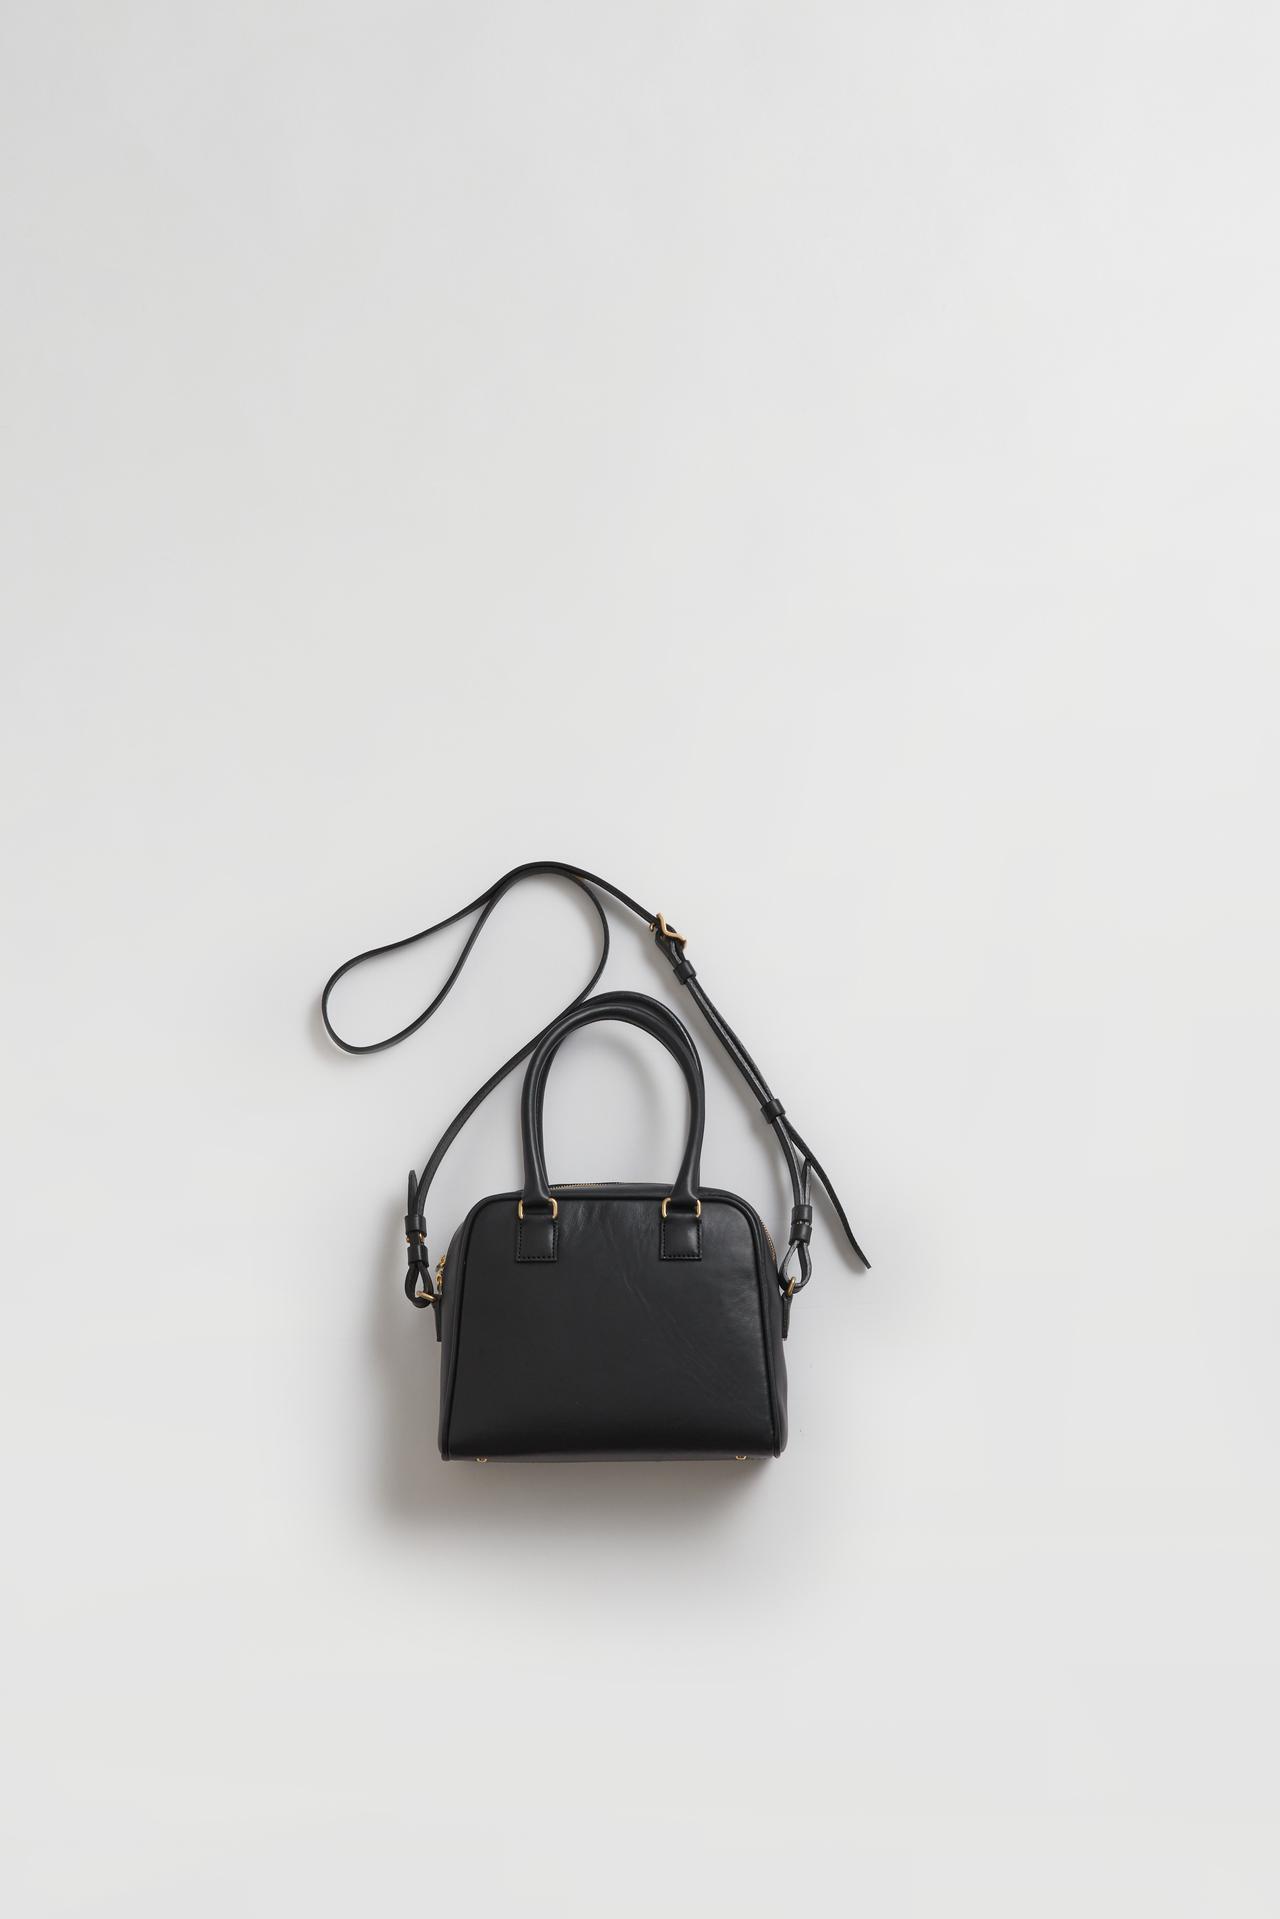 画像: 「SHIZENDO×Shinzone LEATHER BAG(S)」¥41,800※9月発売予定 出典:シンゾーン